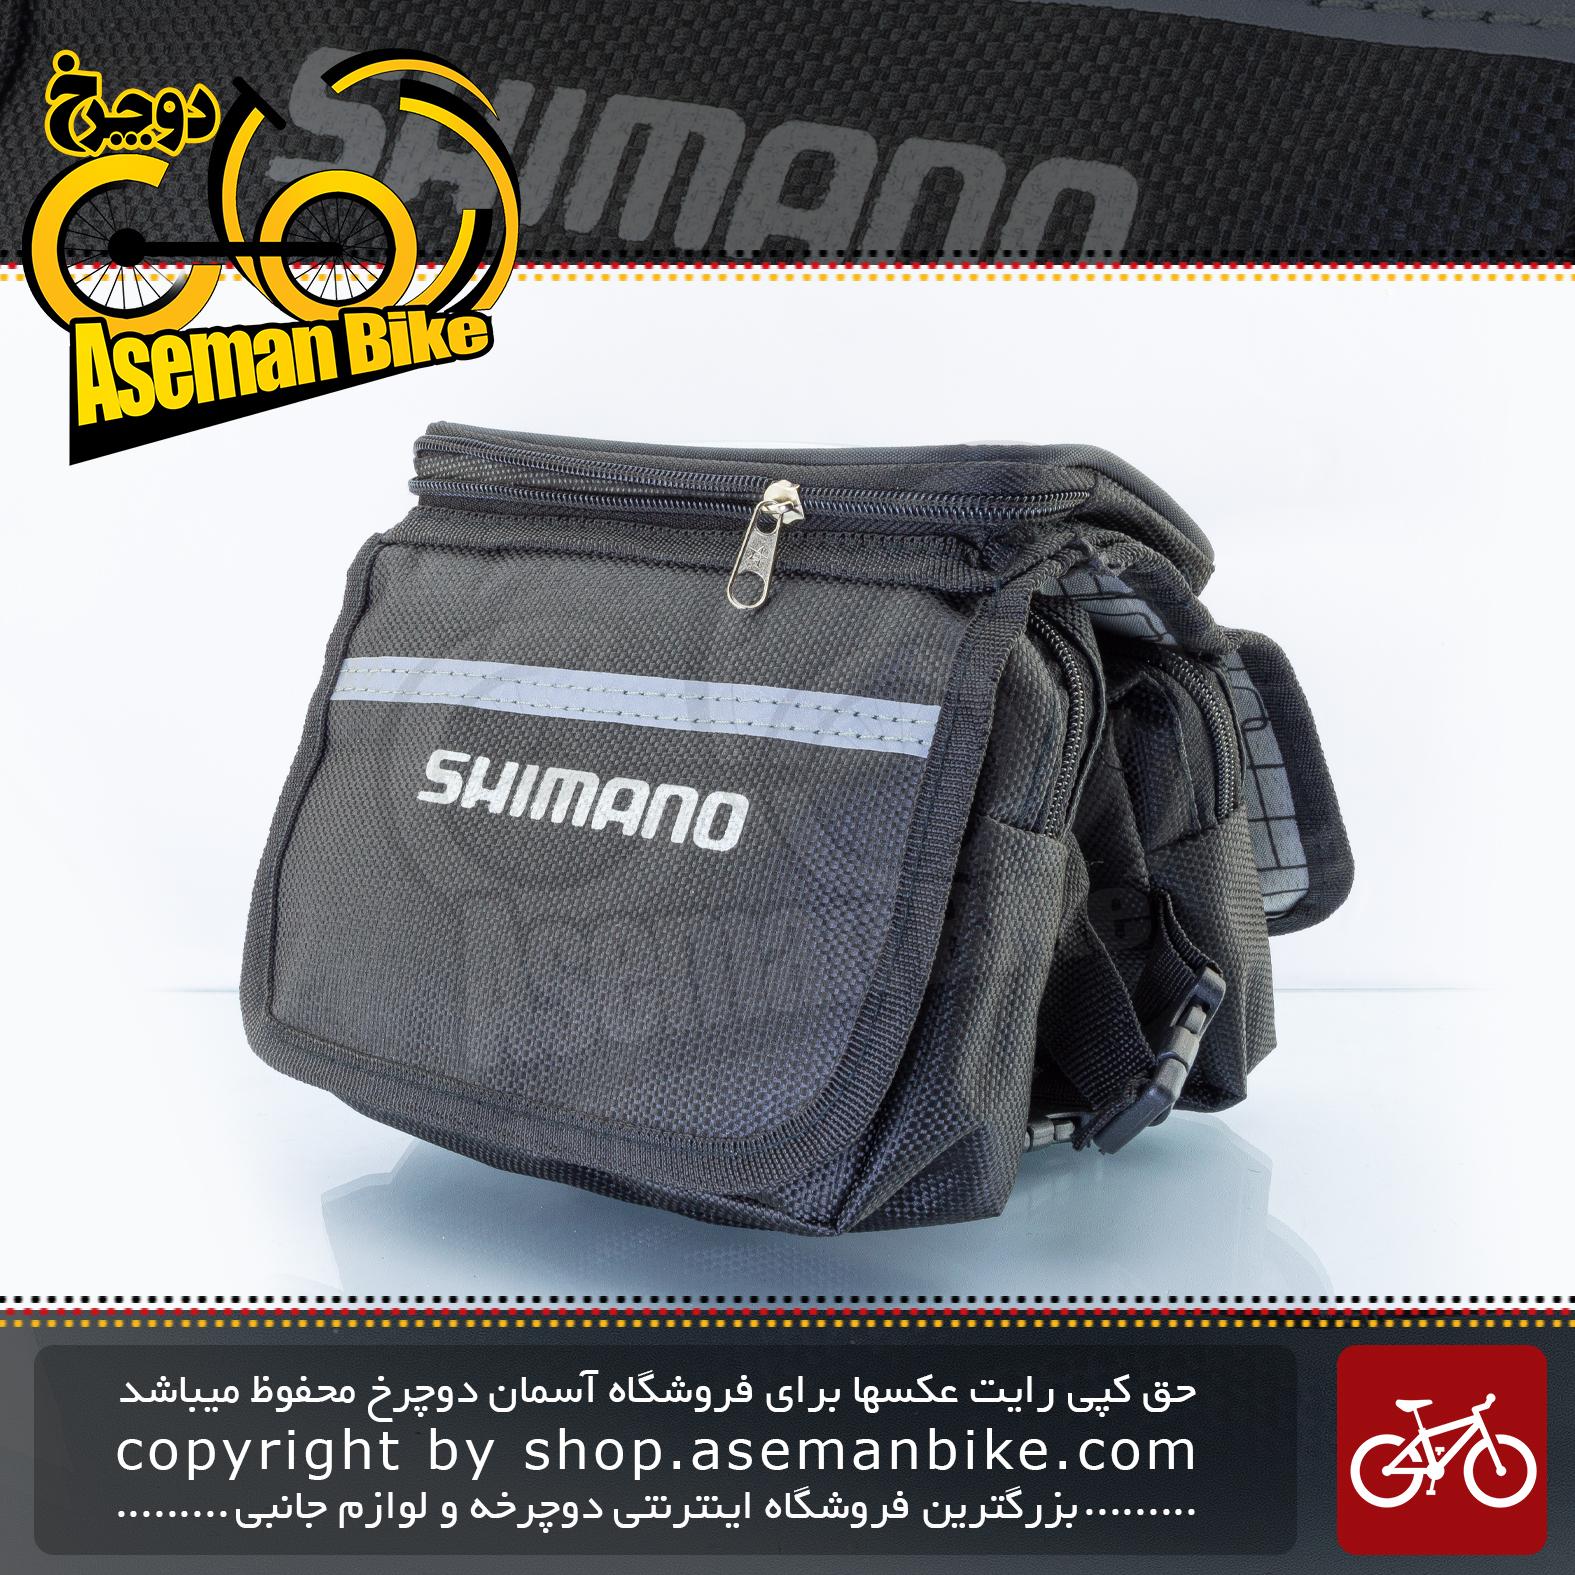 کیف روی تنه دوچرخه مرکوری مدل شیمانو لوگو مشکی هولدر موبایل Mercury Bicycle Frame Bag Shimano Logo Black